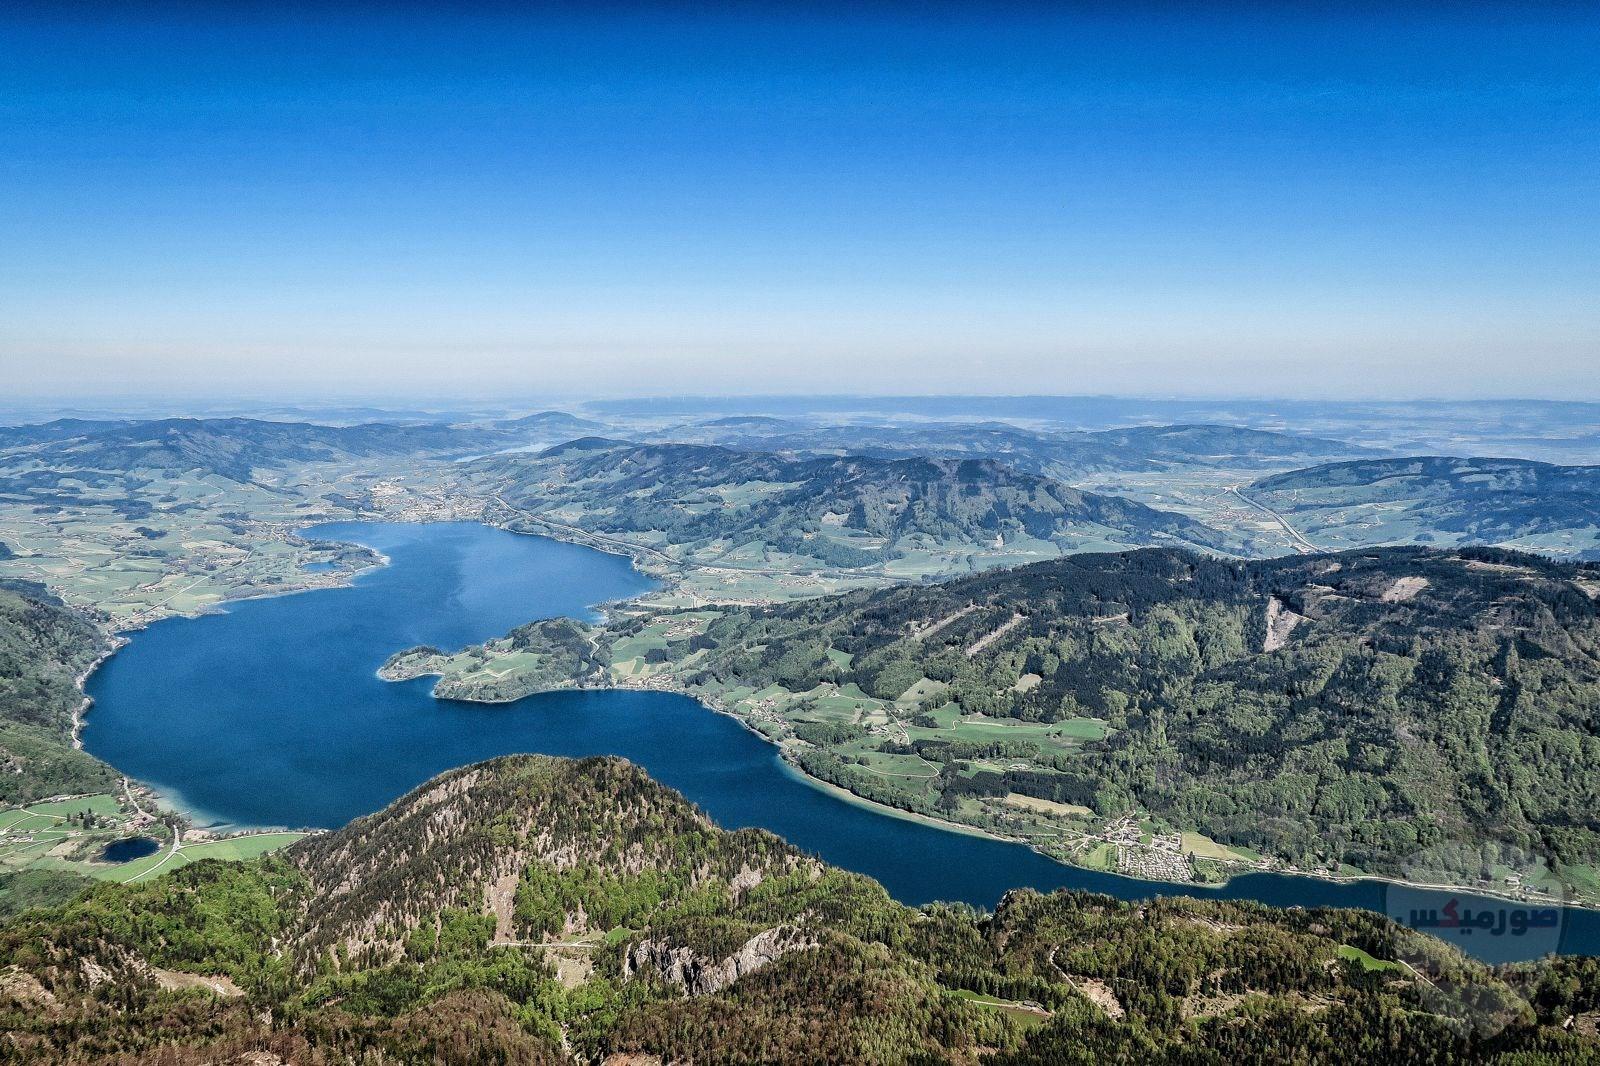 صور جبال خلفيات جبال بجودة HD احلي صور الجبال 5